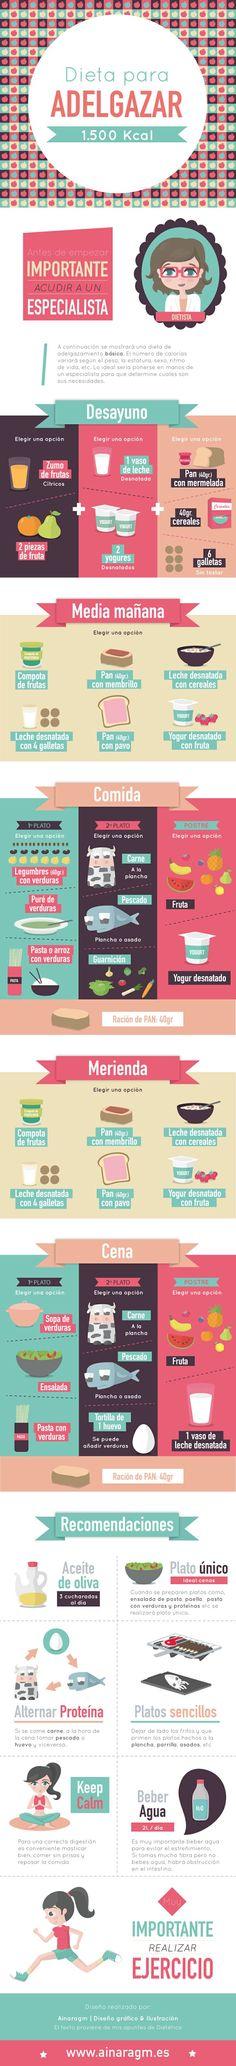 Dieta para adelgazar por Ainaragm y sus magníficas infografías | Aubrey and Me: Dieta para adelgazar por Ainaragm y sus magníficas infografías